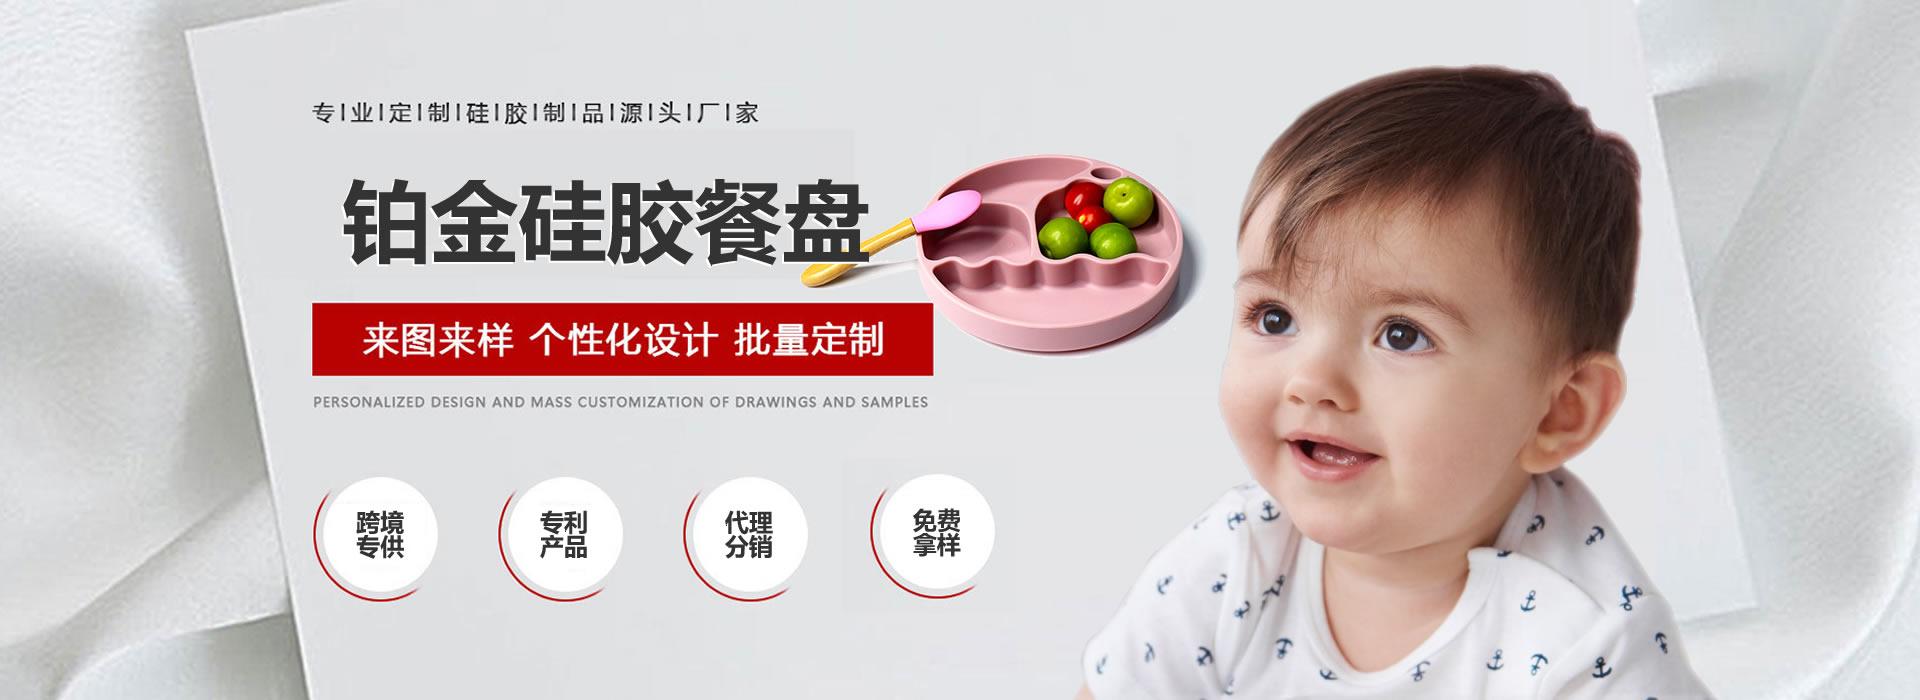 食品级硅胶儿童餐盘